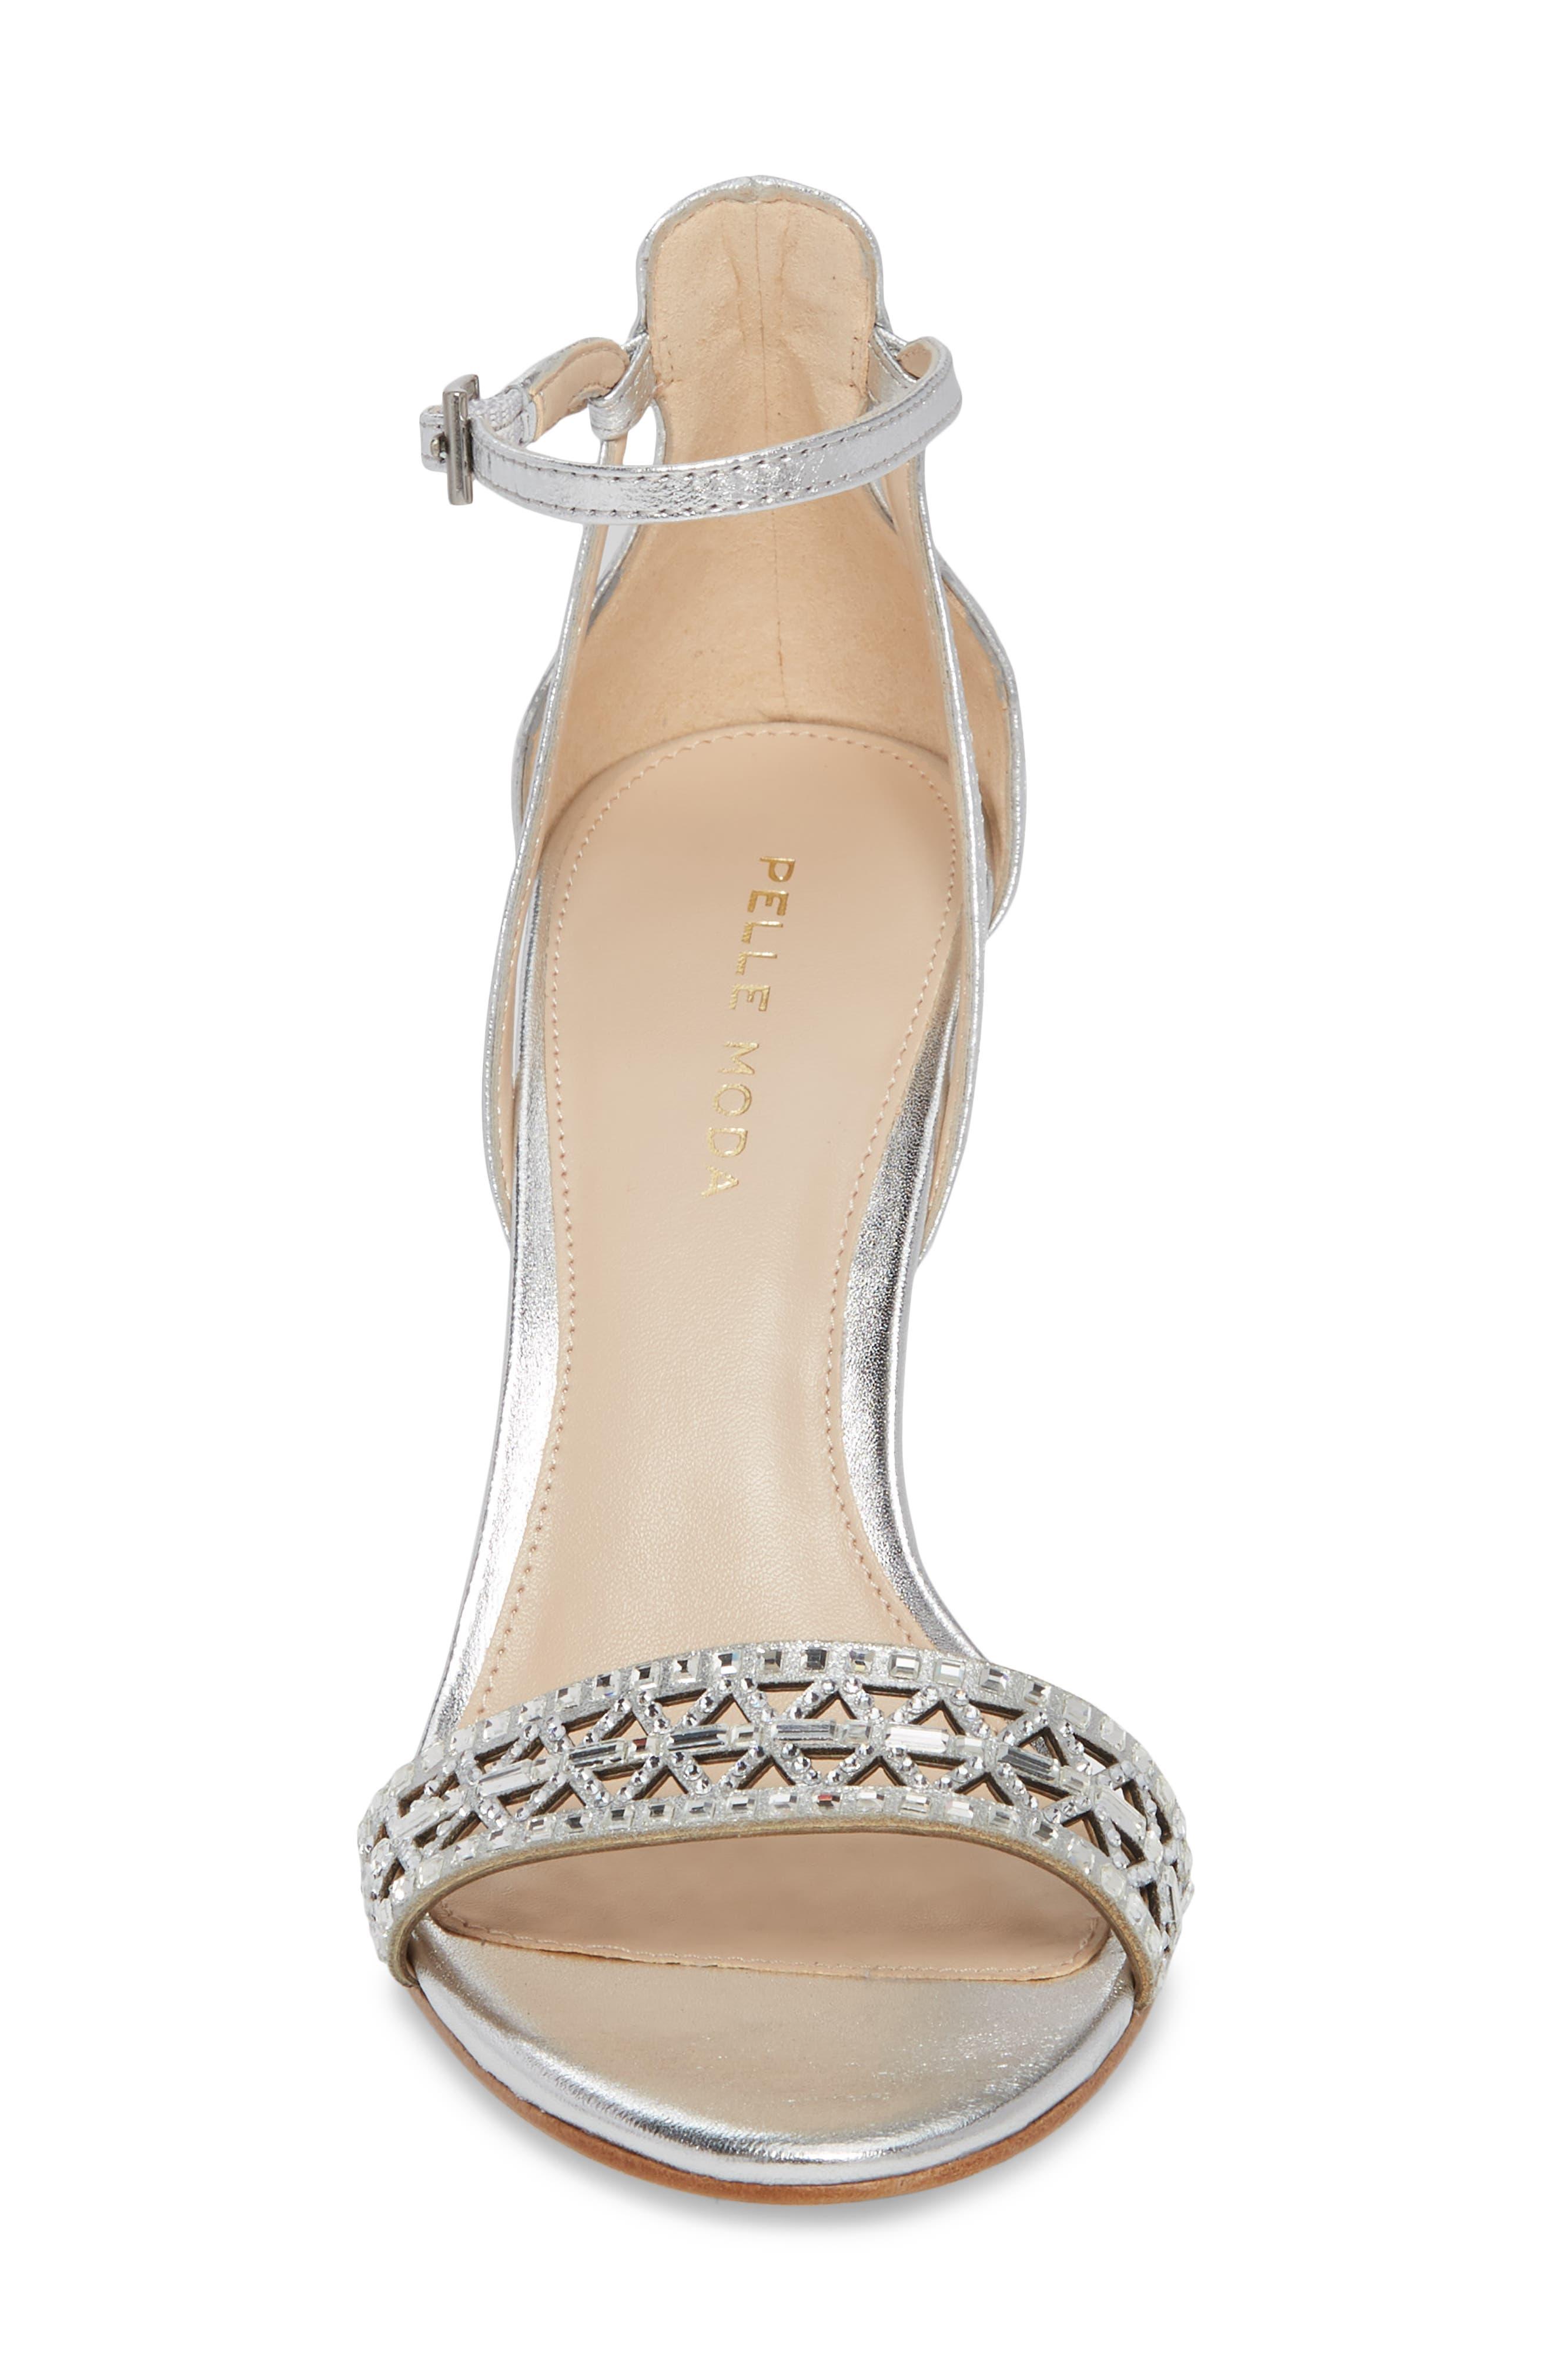 Karmina Embellished Sandal,                             Alternate thumbnail 4, color,                             Silver Leather